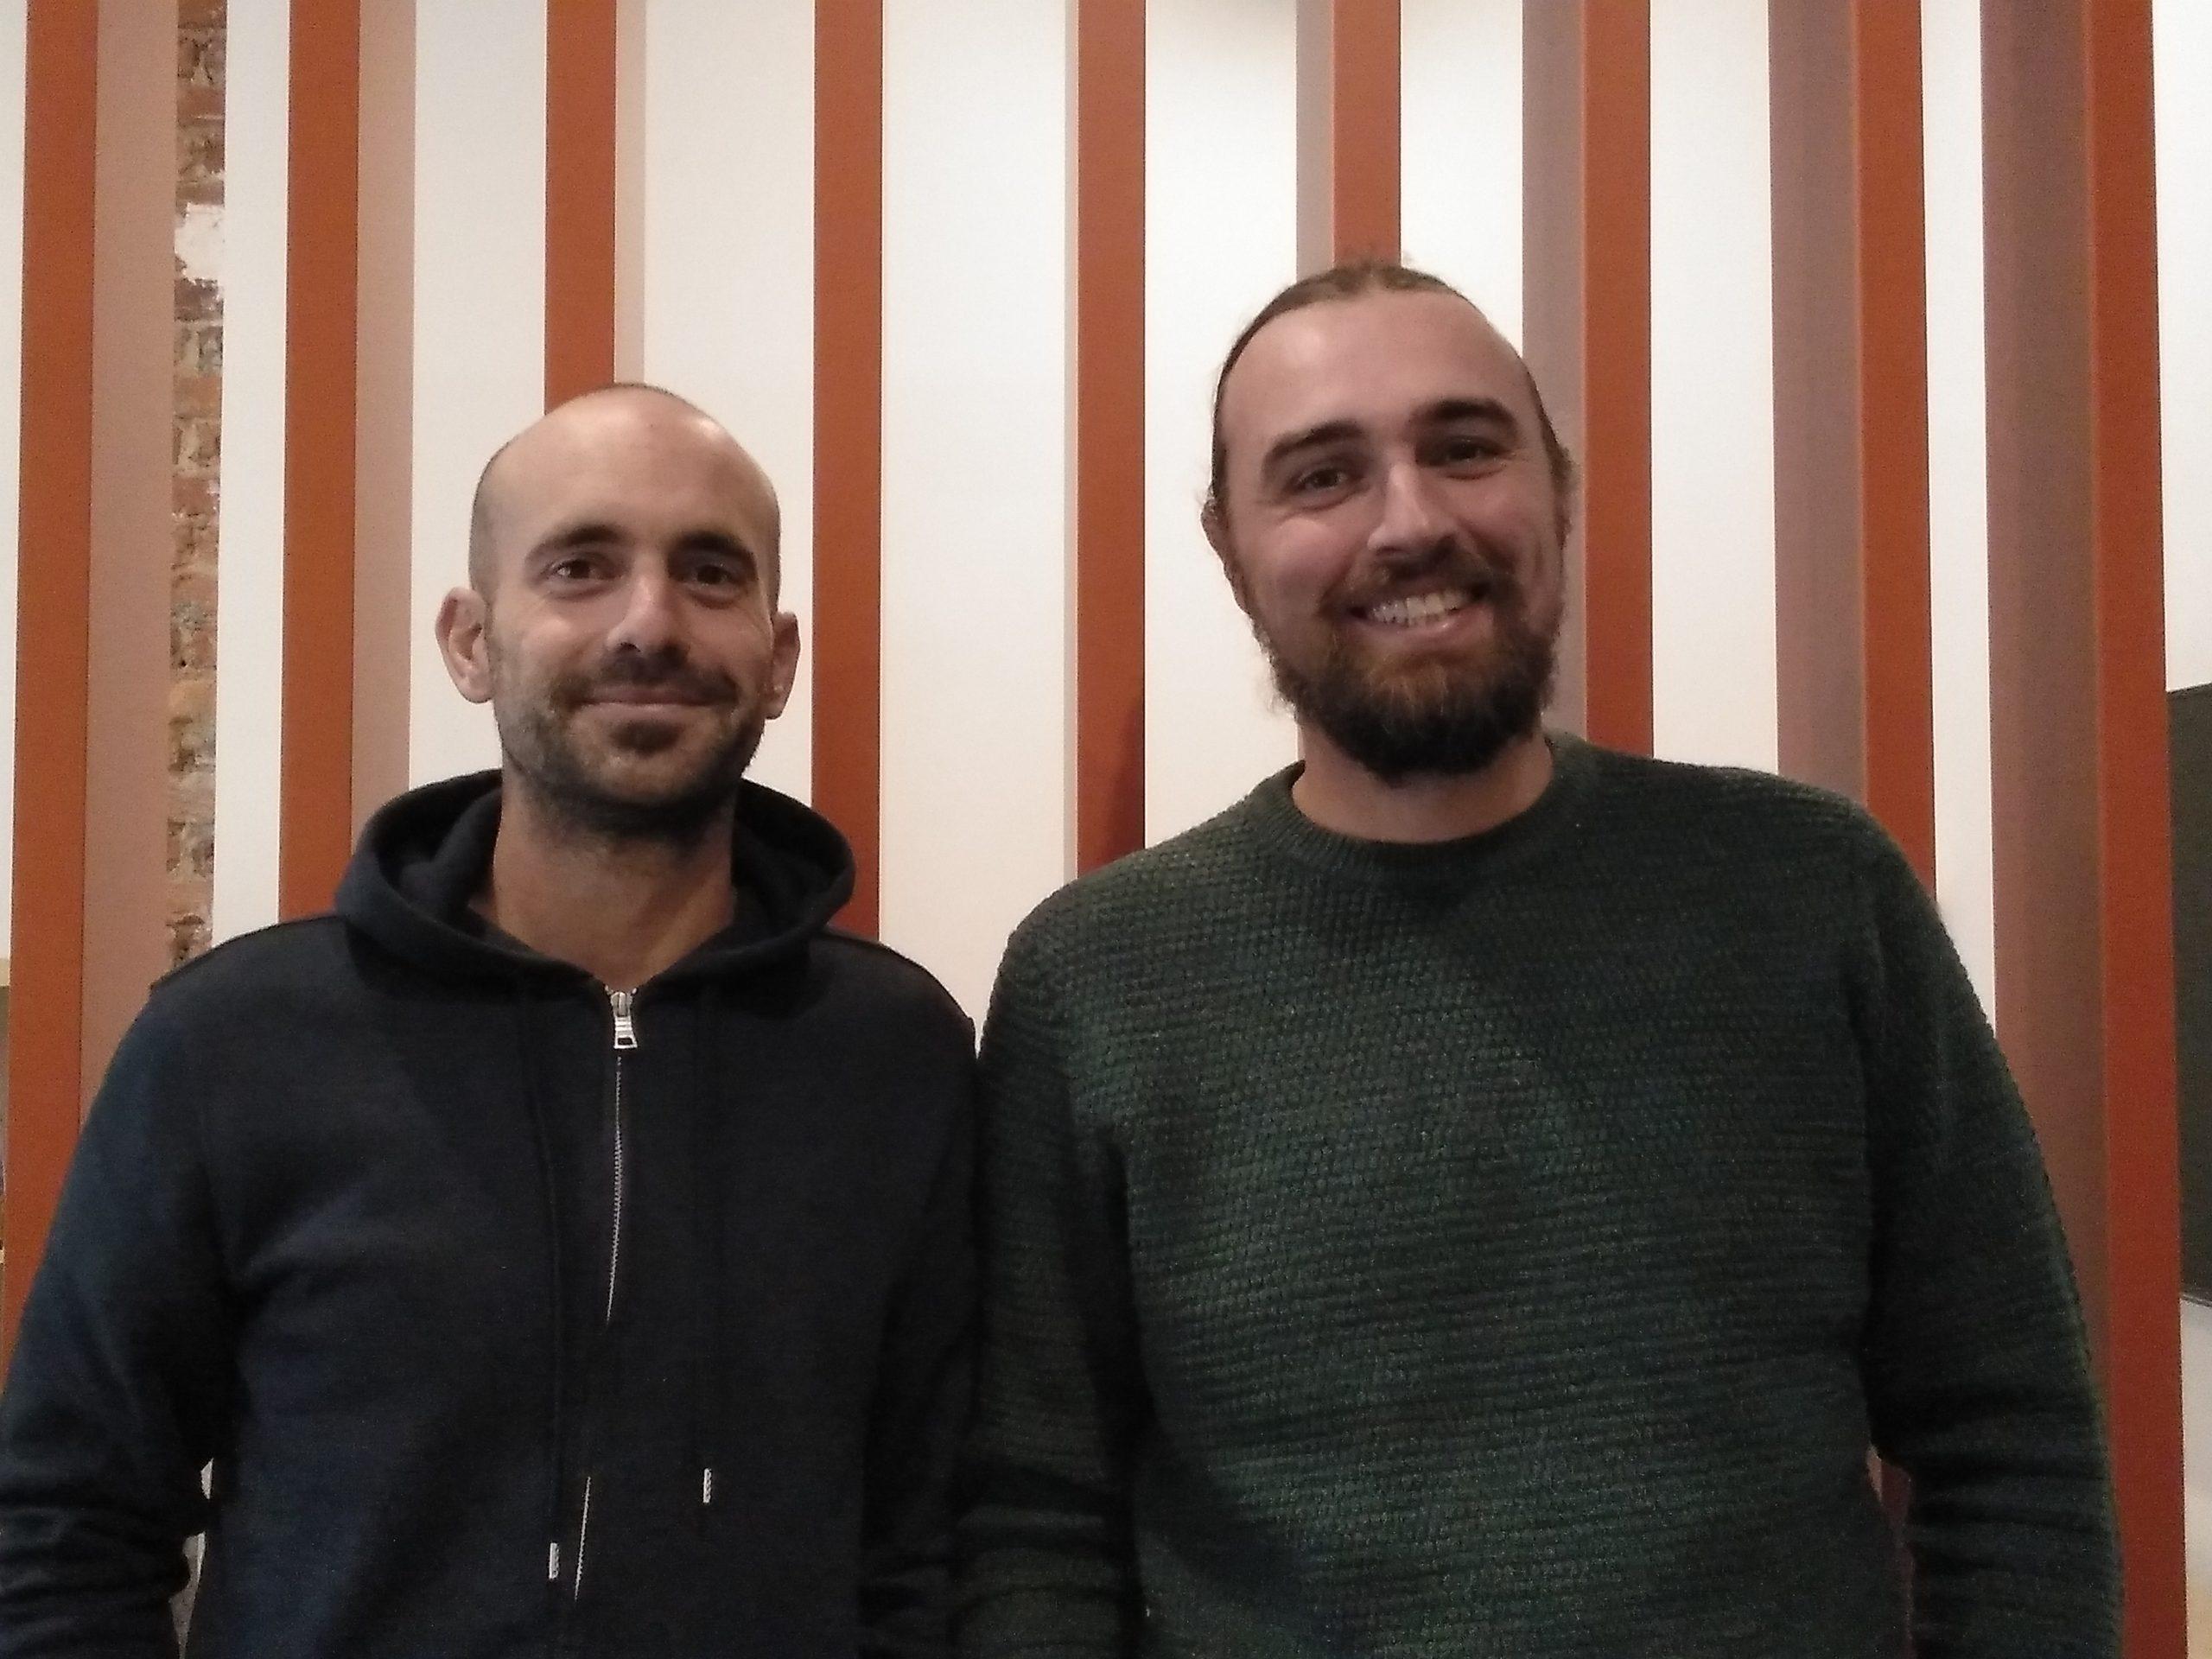 Aner Etxebarria Moral and Pablo Vidal Santos